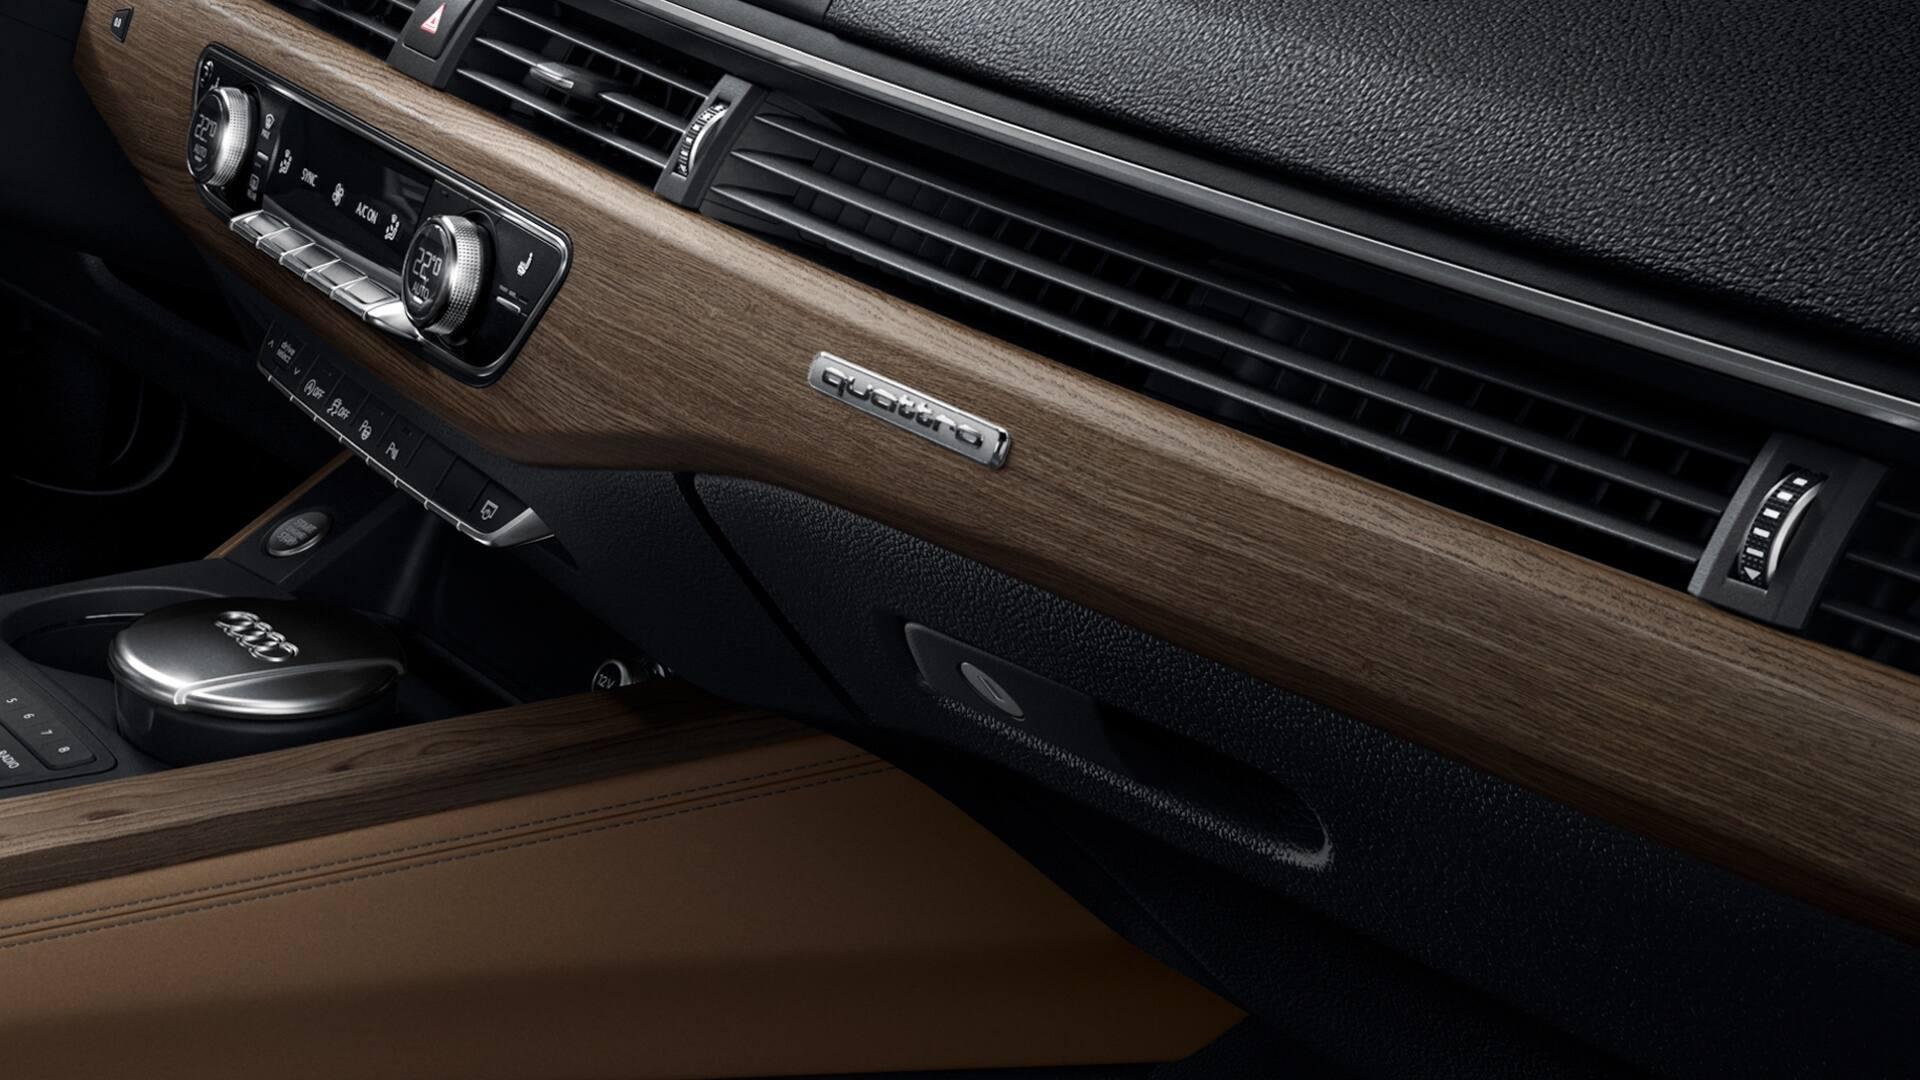 A5 Interieur > Audi S5 Coupé > A5 > Audi Oman